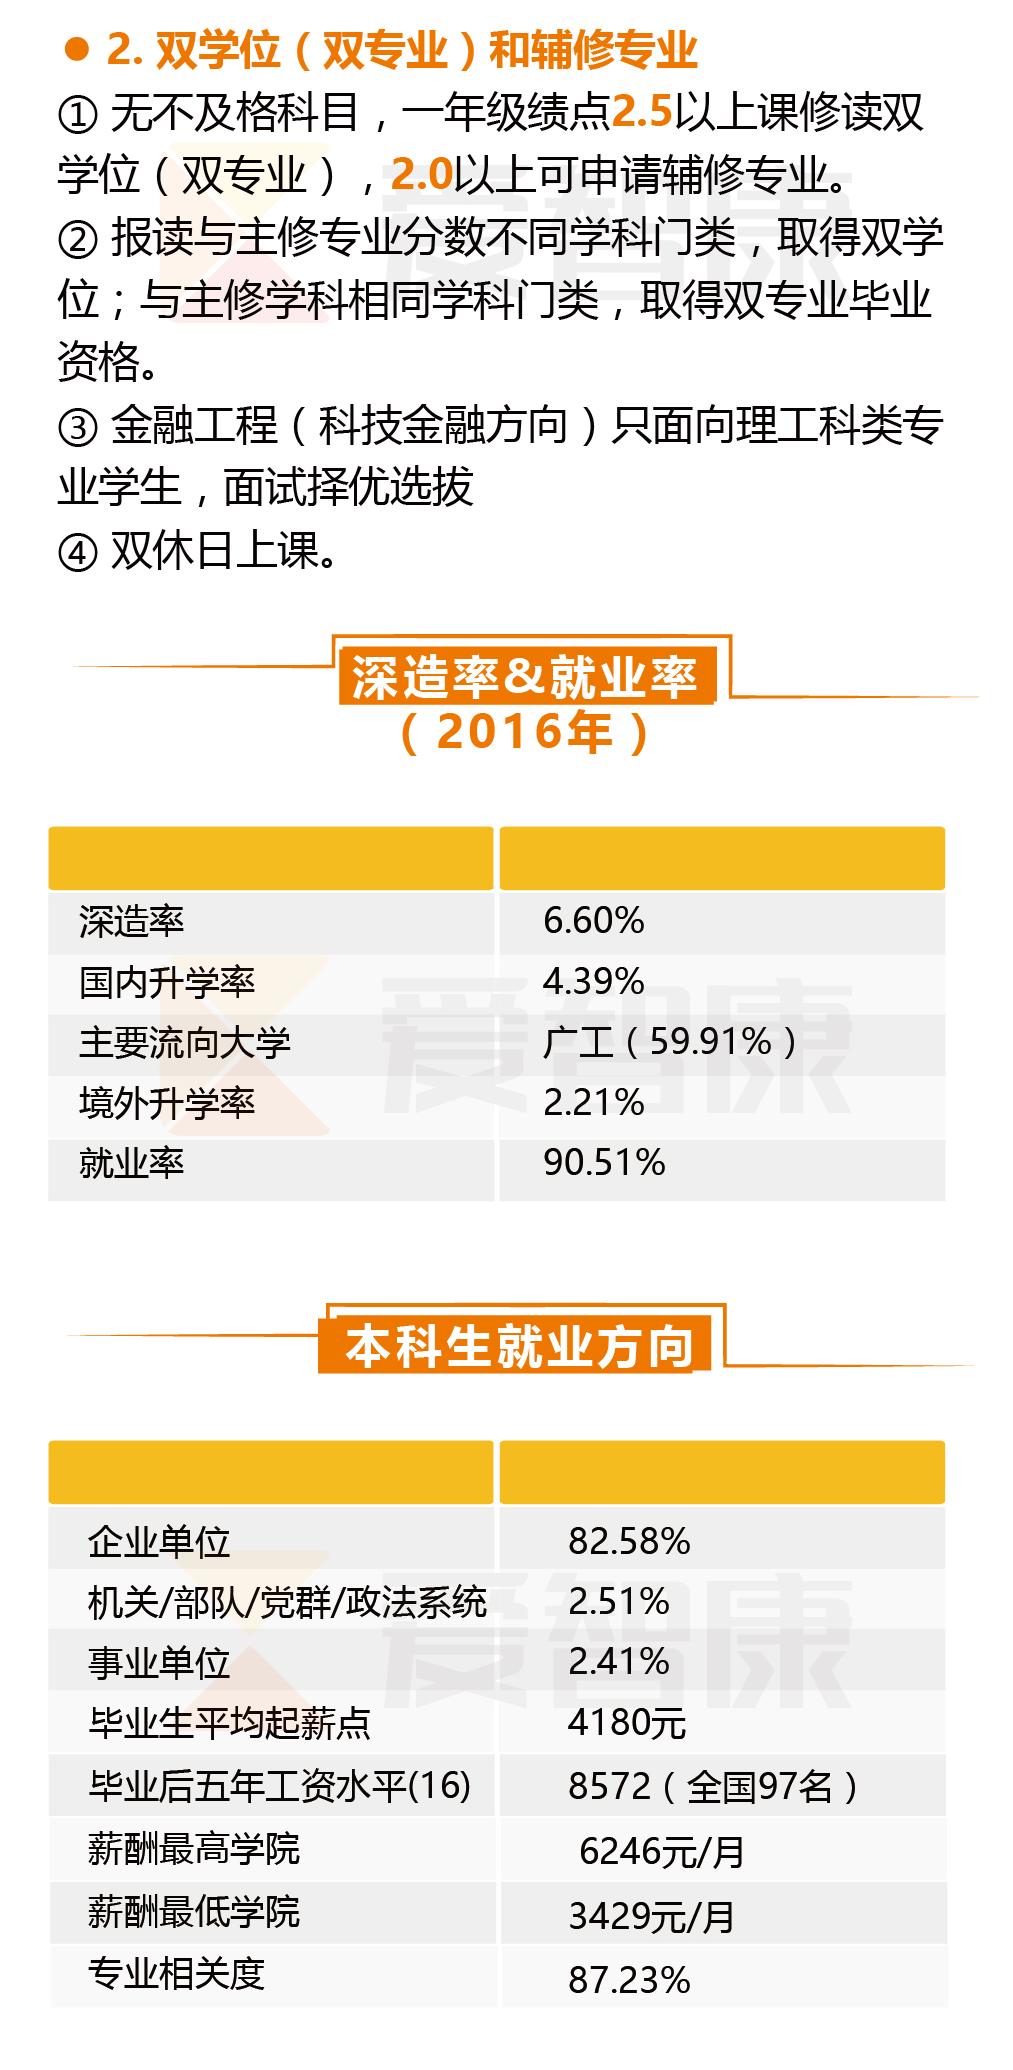 广东工业大学就业率